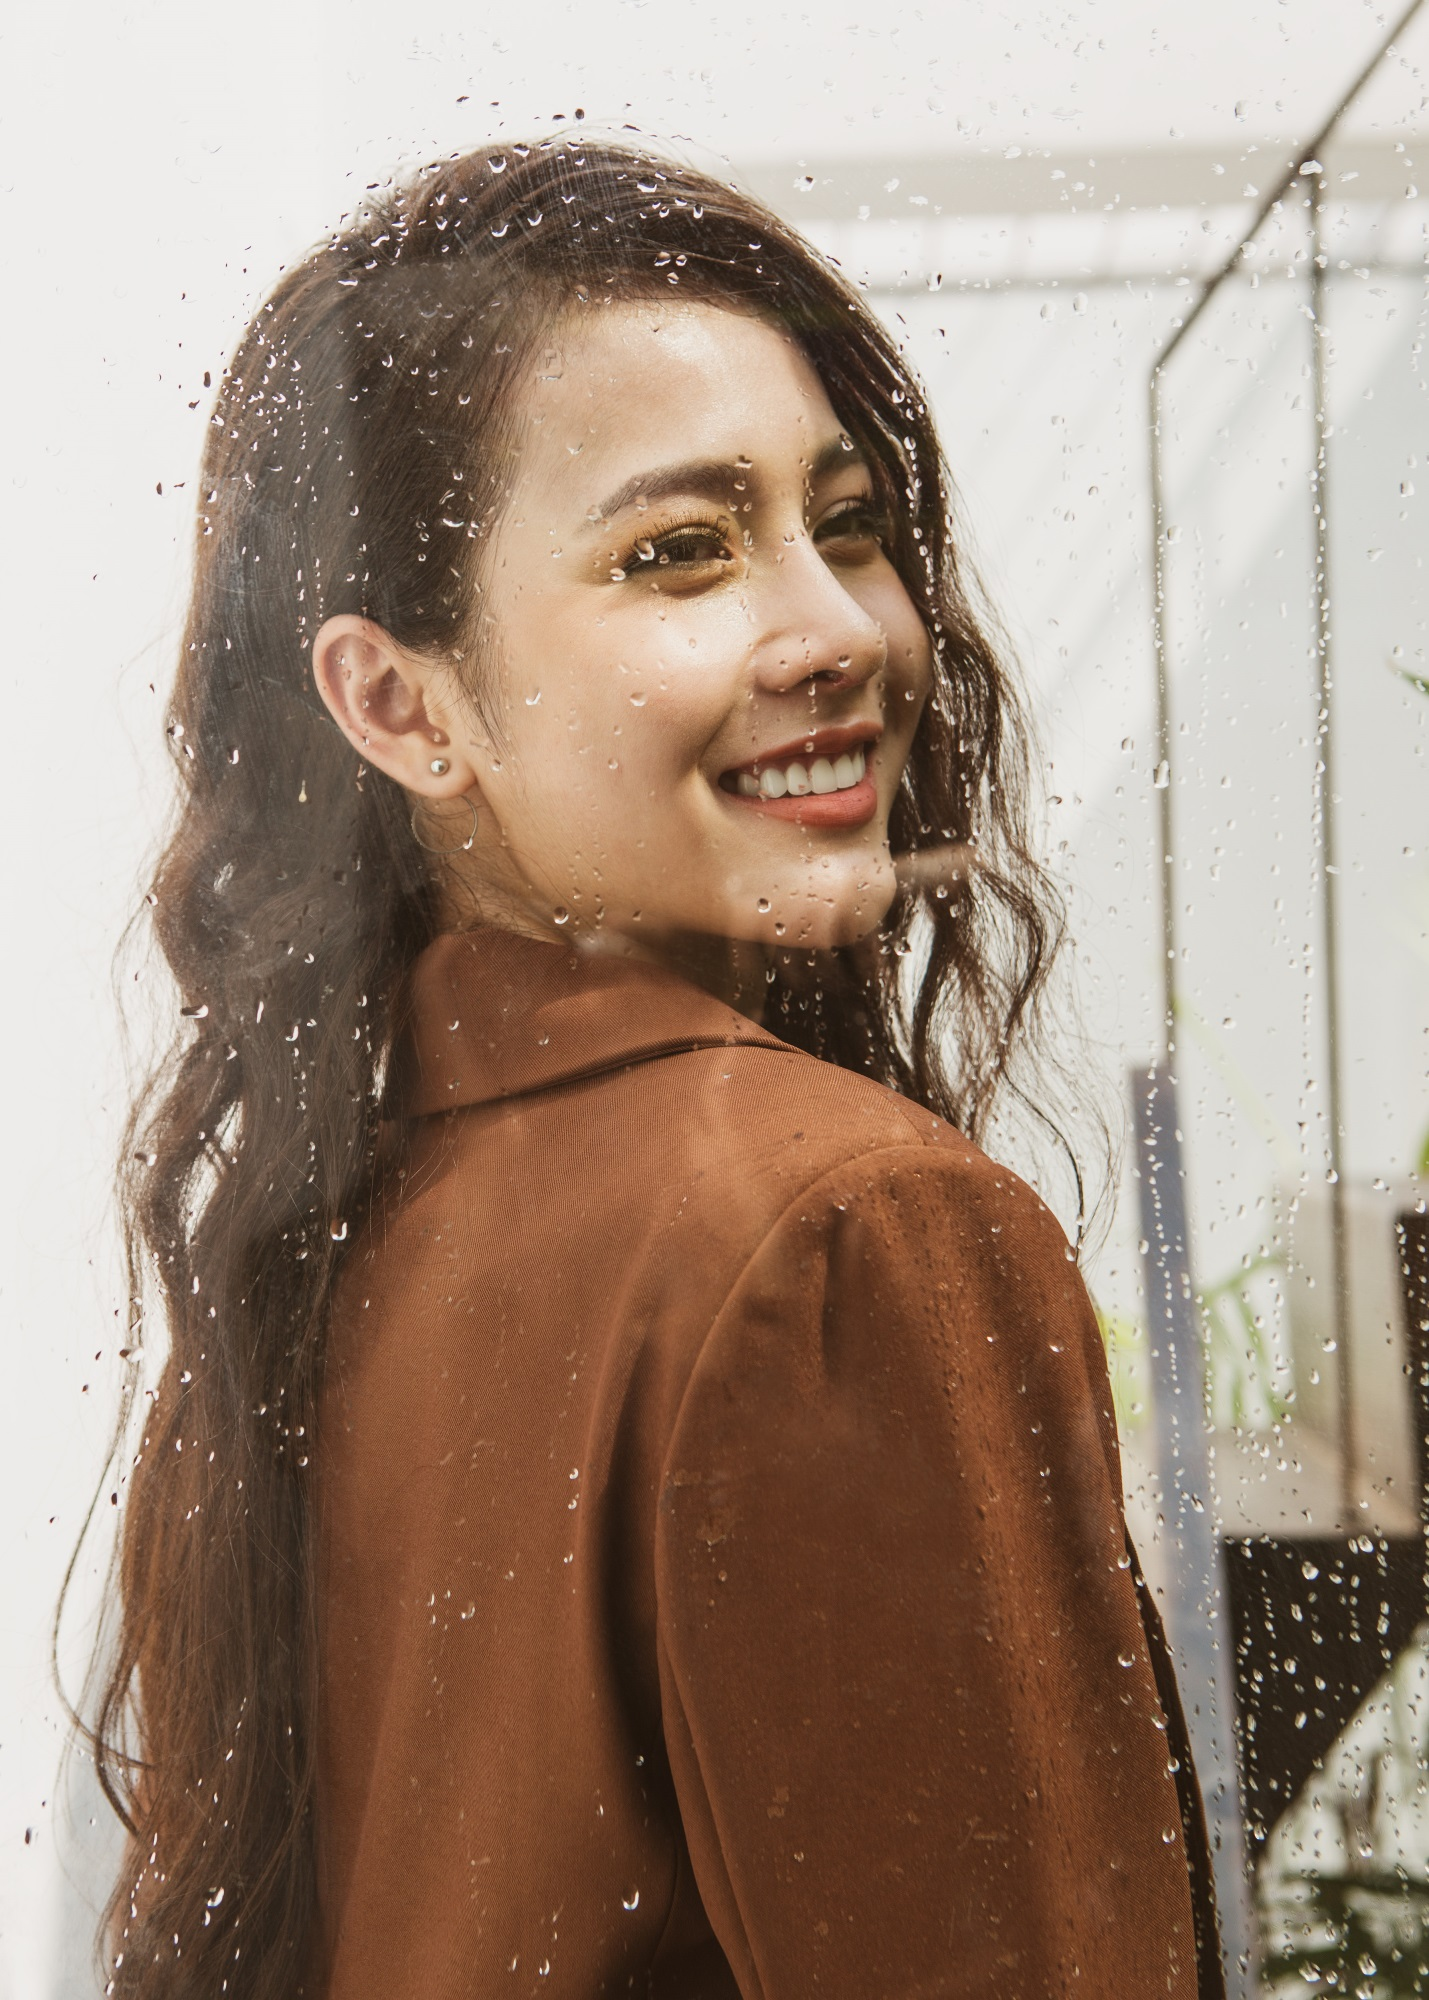 Hoa hậu Biển Kim Ngọc 'tái xuất' với hình ảnh quý cô thanh lịch đầy cuốn hút - Ảnh 3